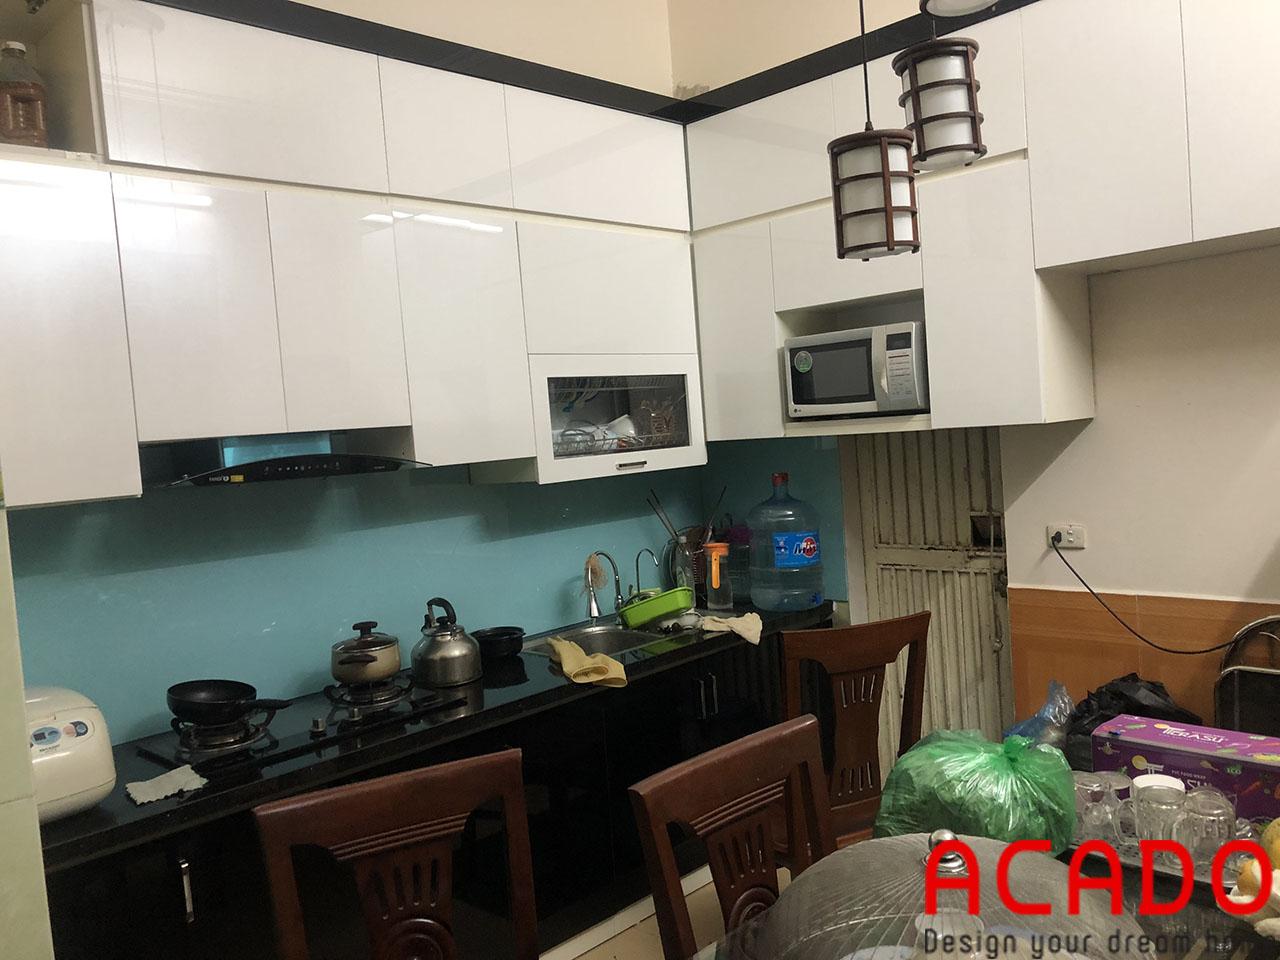 Màu kính xanh nhẹ nhành làm nên điểm nhấn cho bộ tủ bếp, thi công tủ bếp tại Thanh Trì-Hà Nội